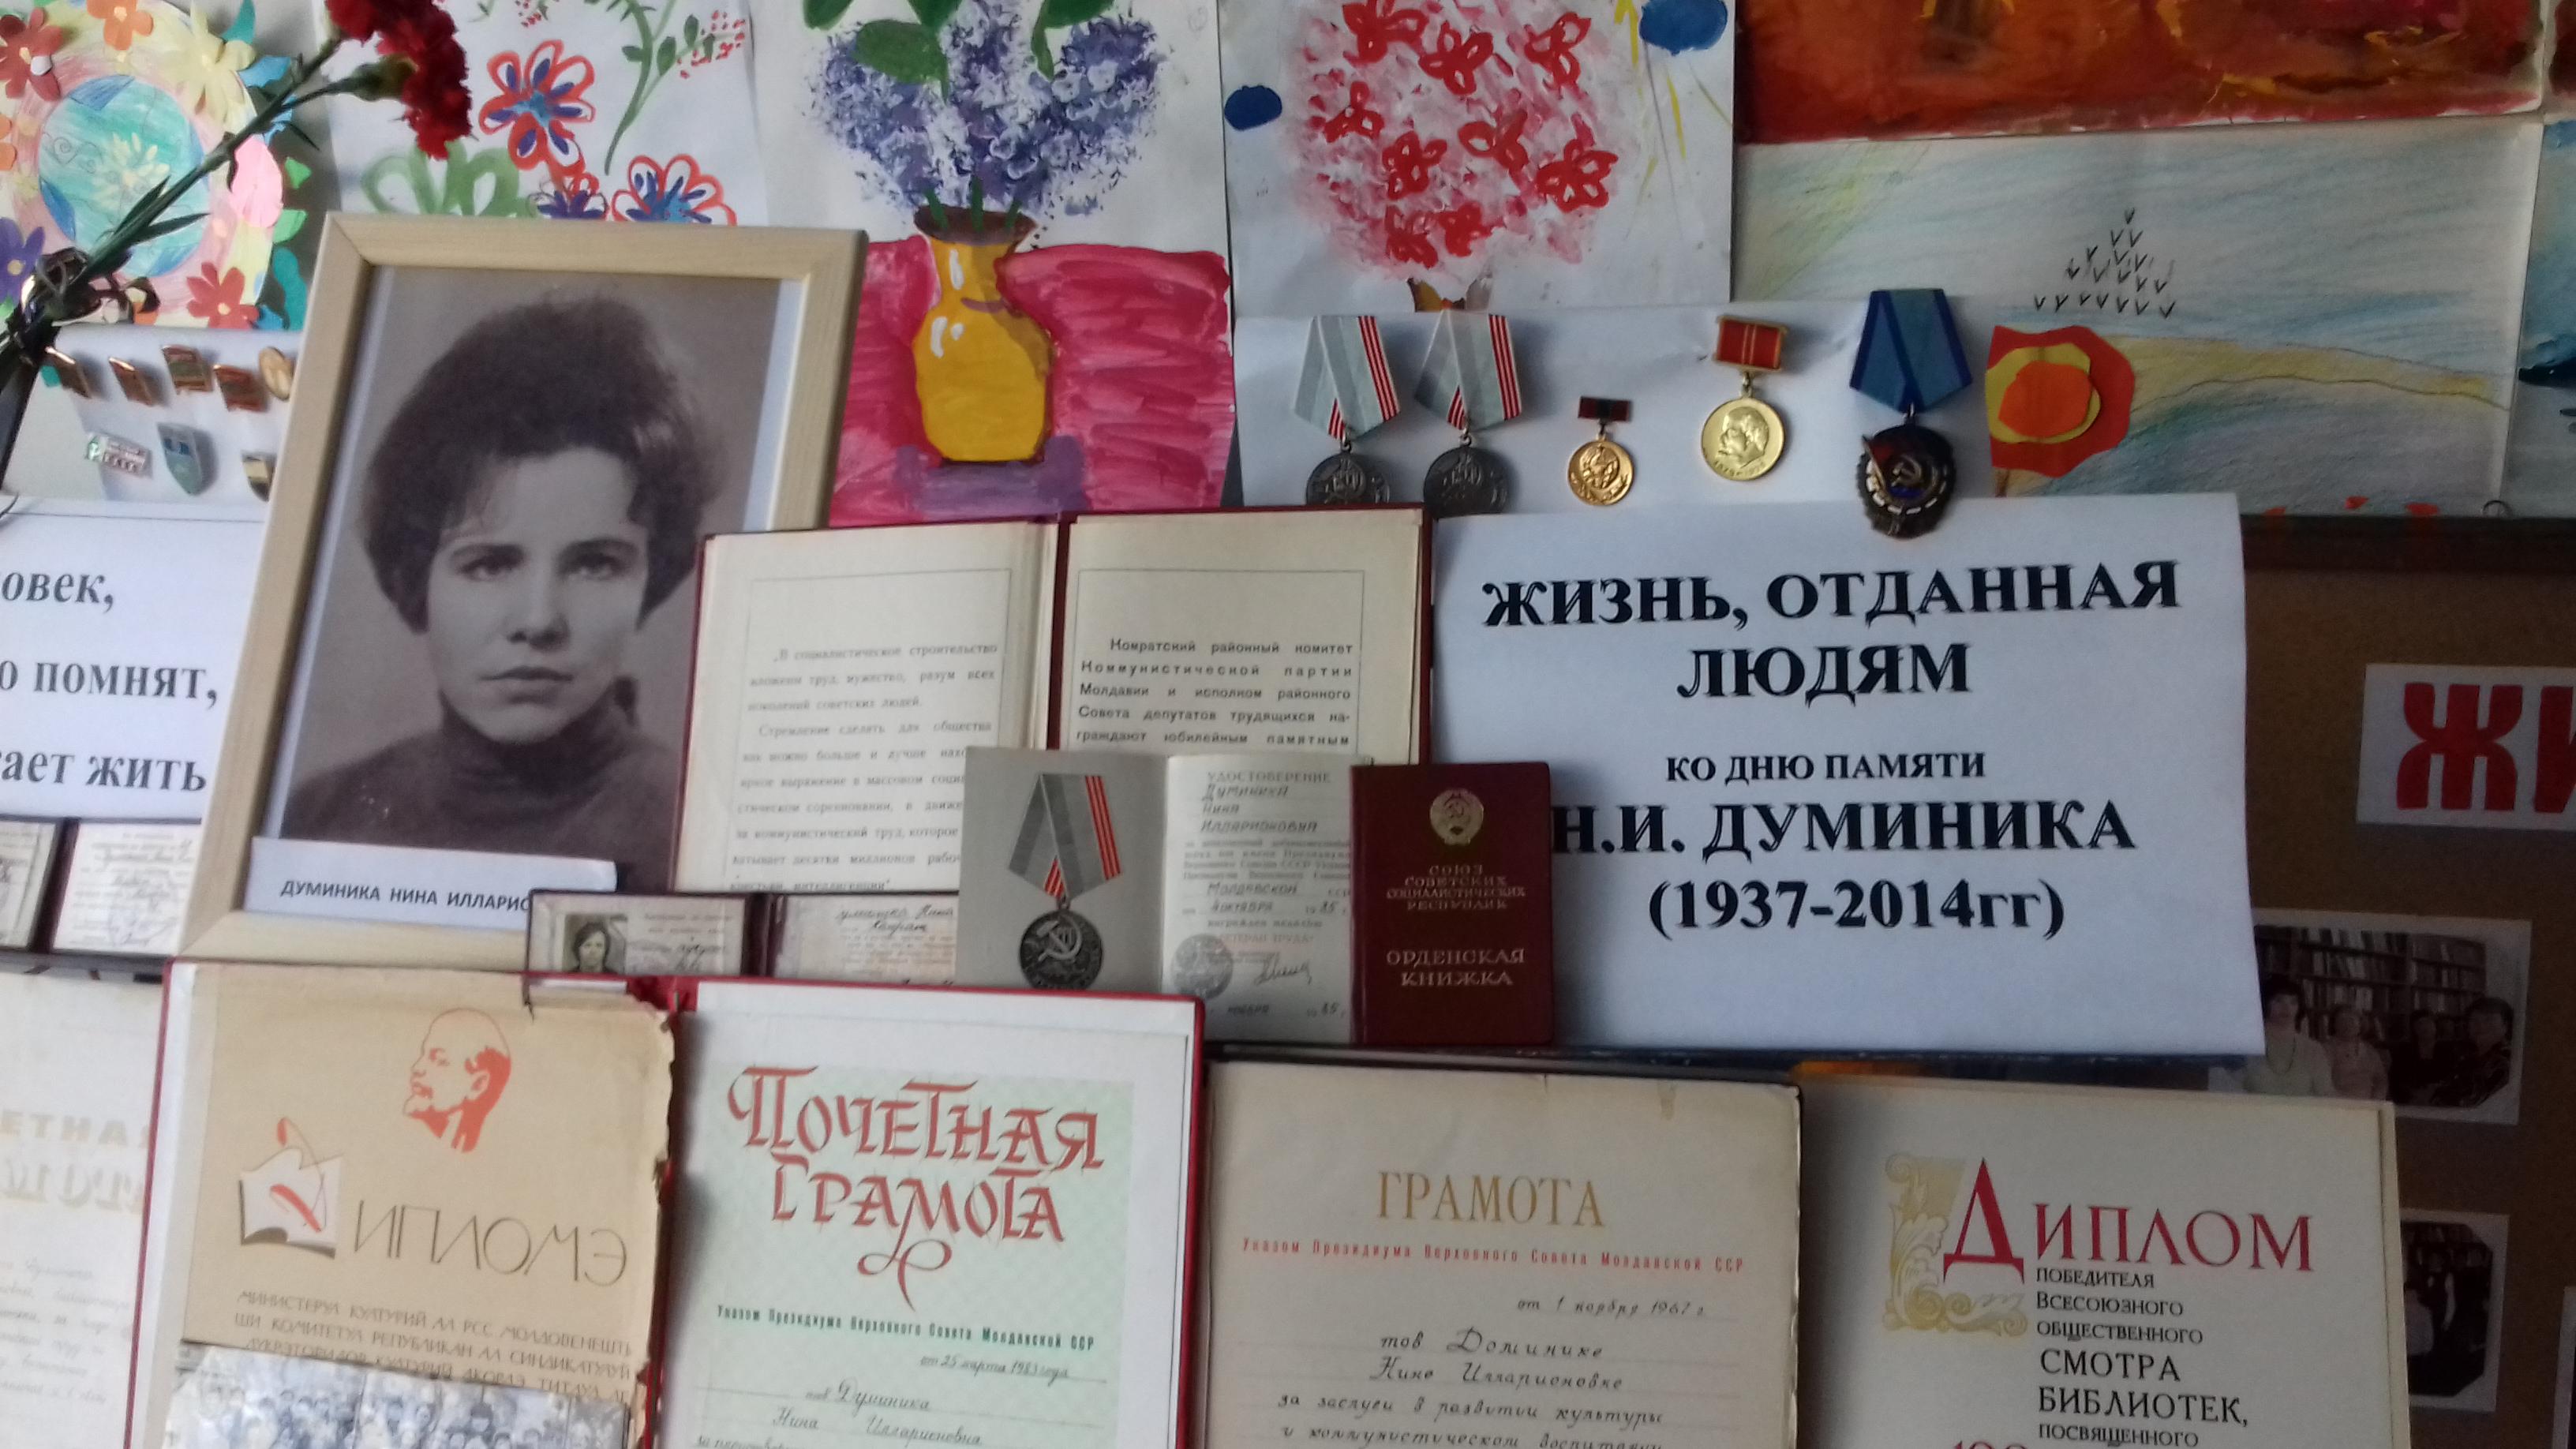 Комратской детской библиотеке предложено присвоить имя Нины Илларионовны Думиника